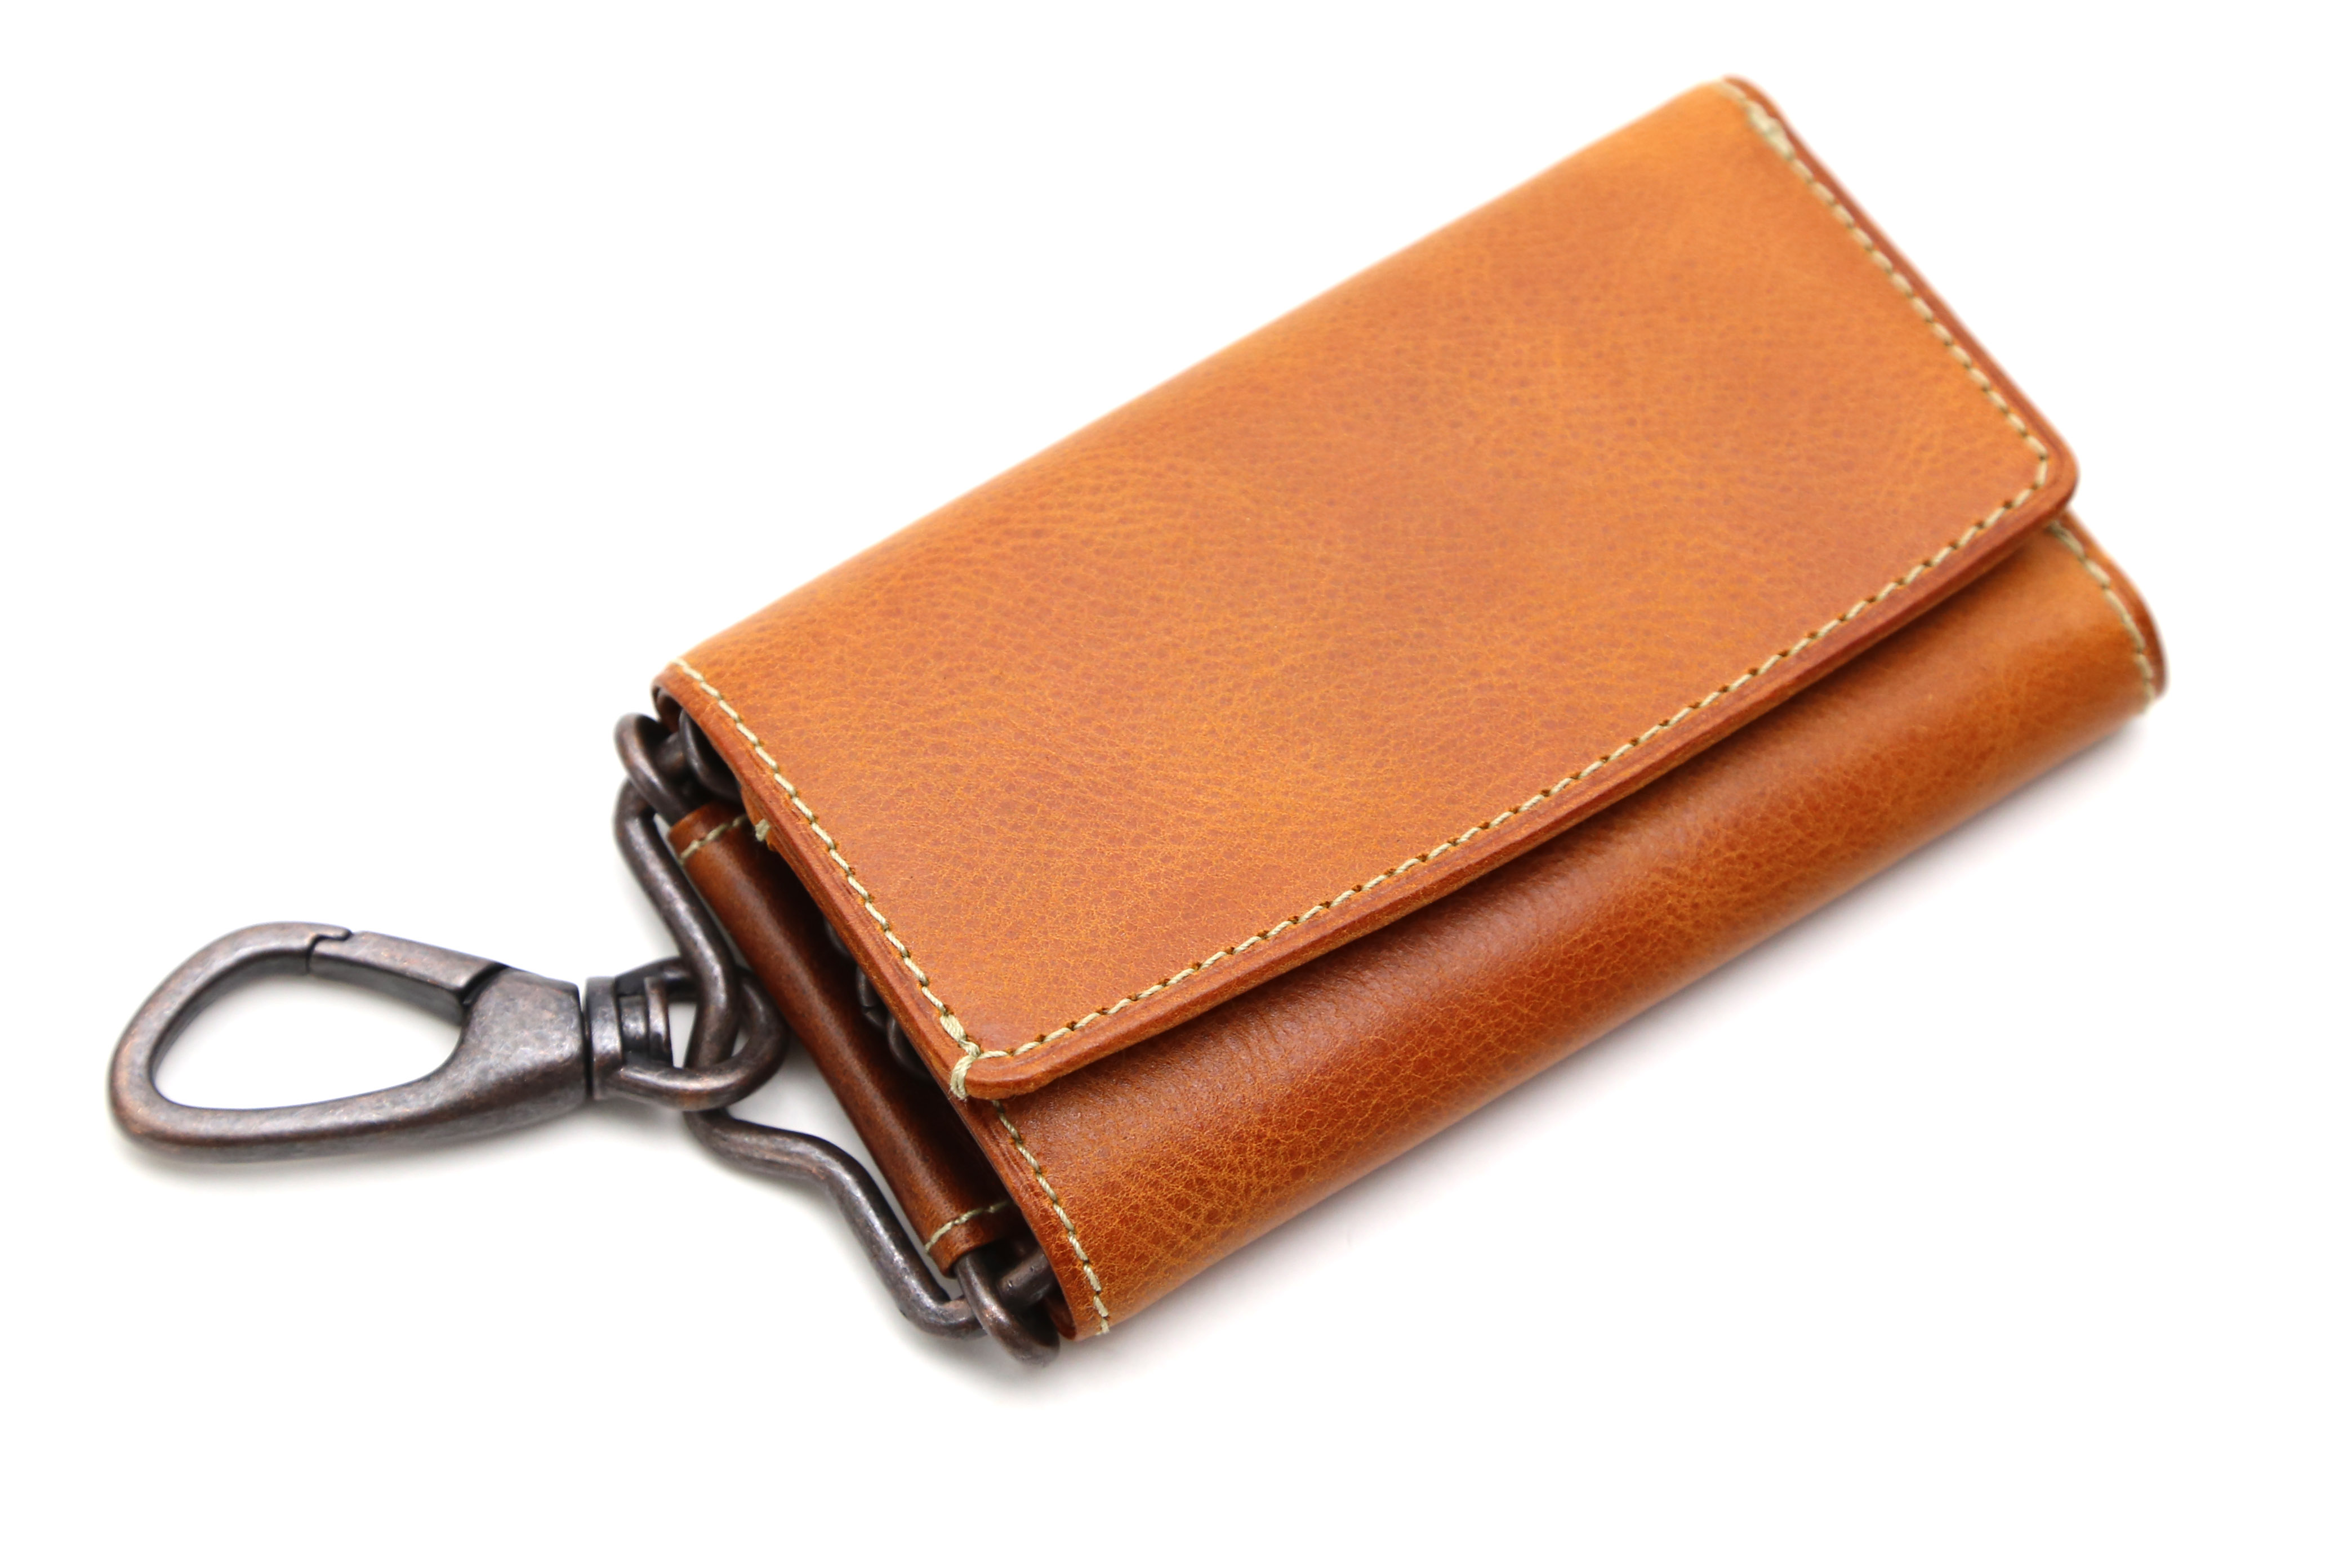 27b85228ab48 外装に取付けられたナスカン金具はパンツのベルトループや、 お使いのバッグ類に掛けて装いのワンポイントアイテムとしてもお楽しみいただけます。